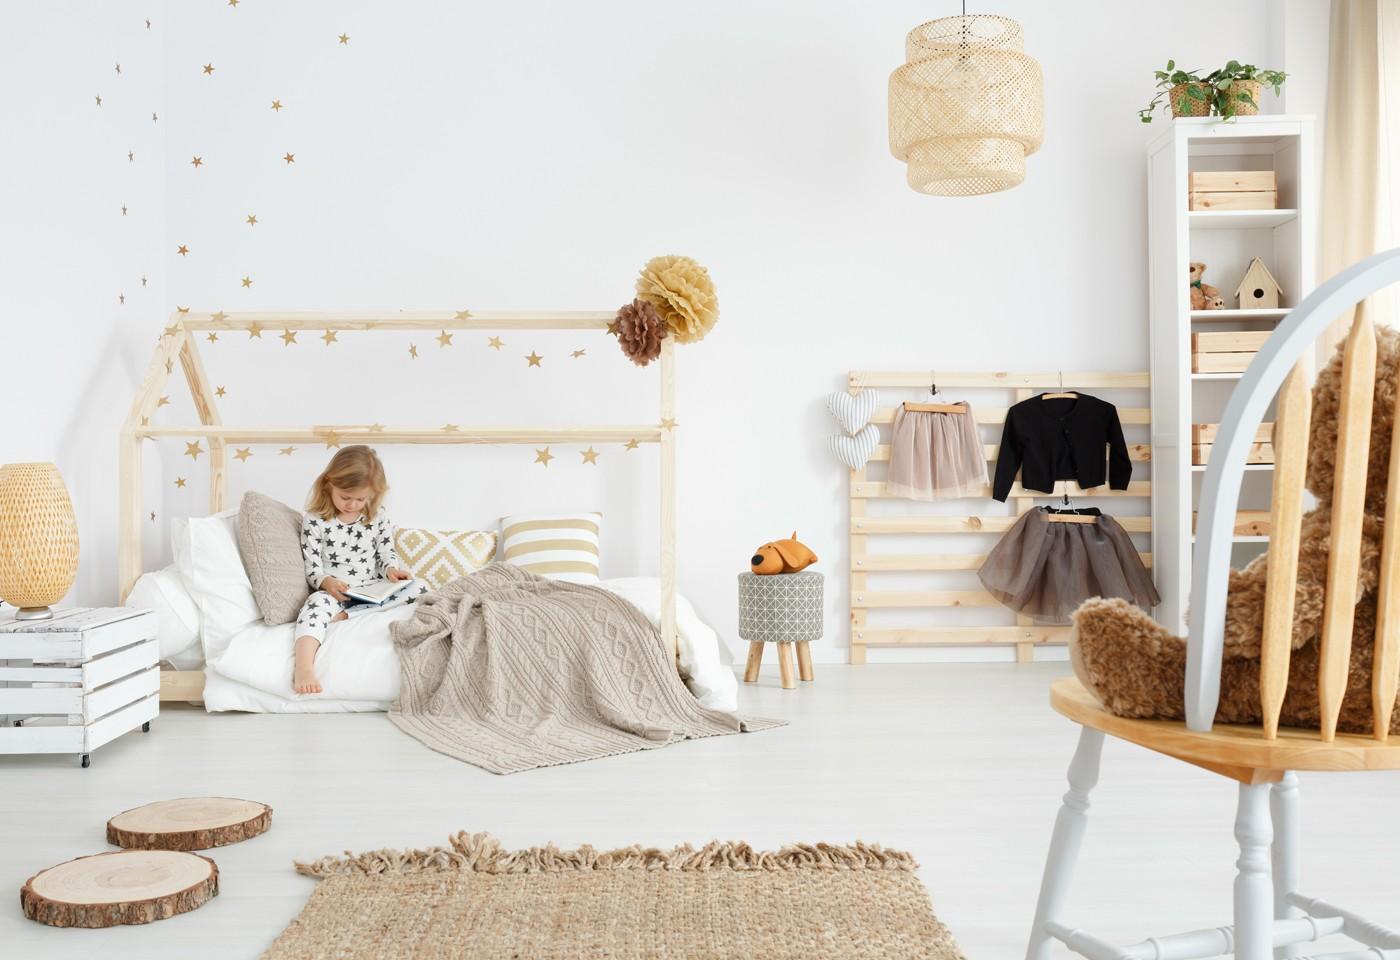 Casa total white per un look minimal chic for Casa minimal chic